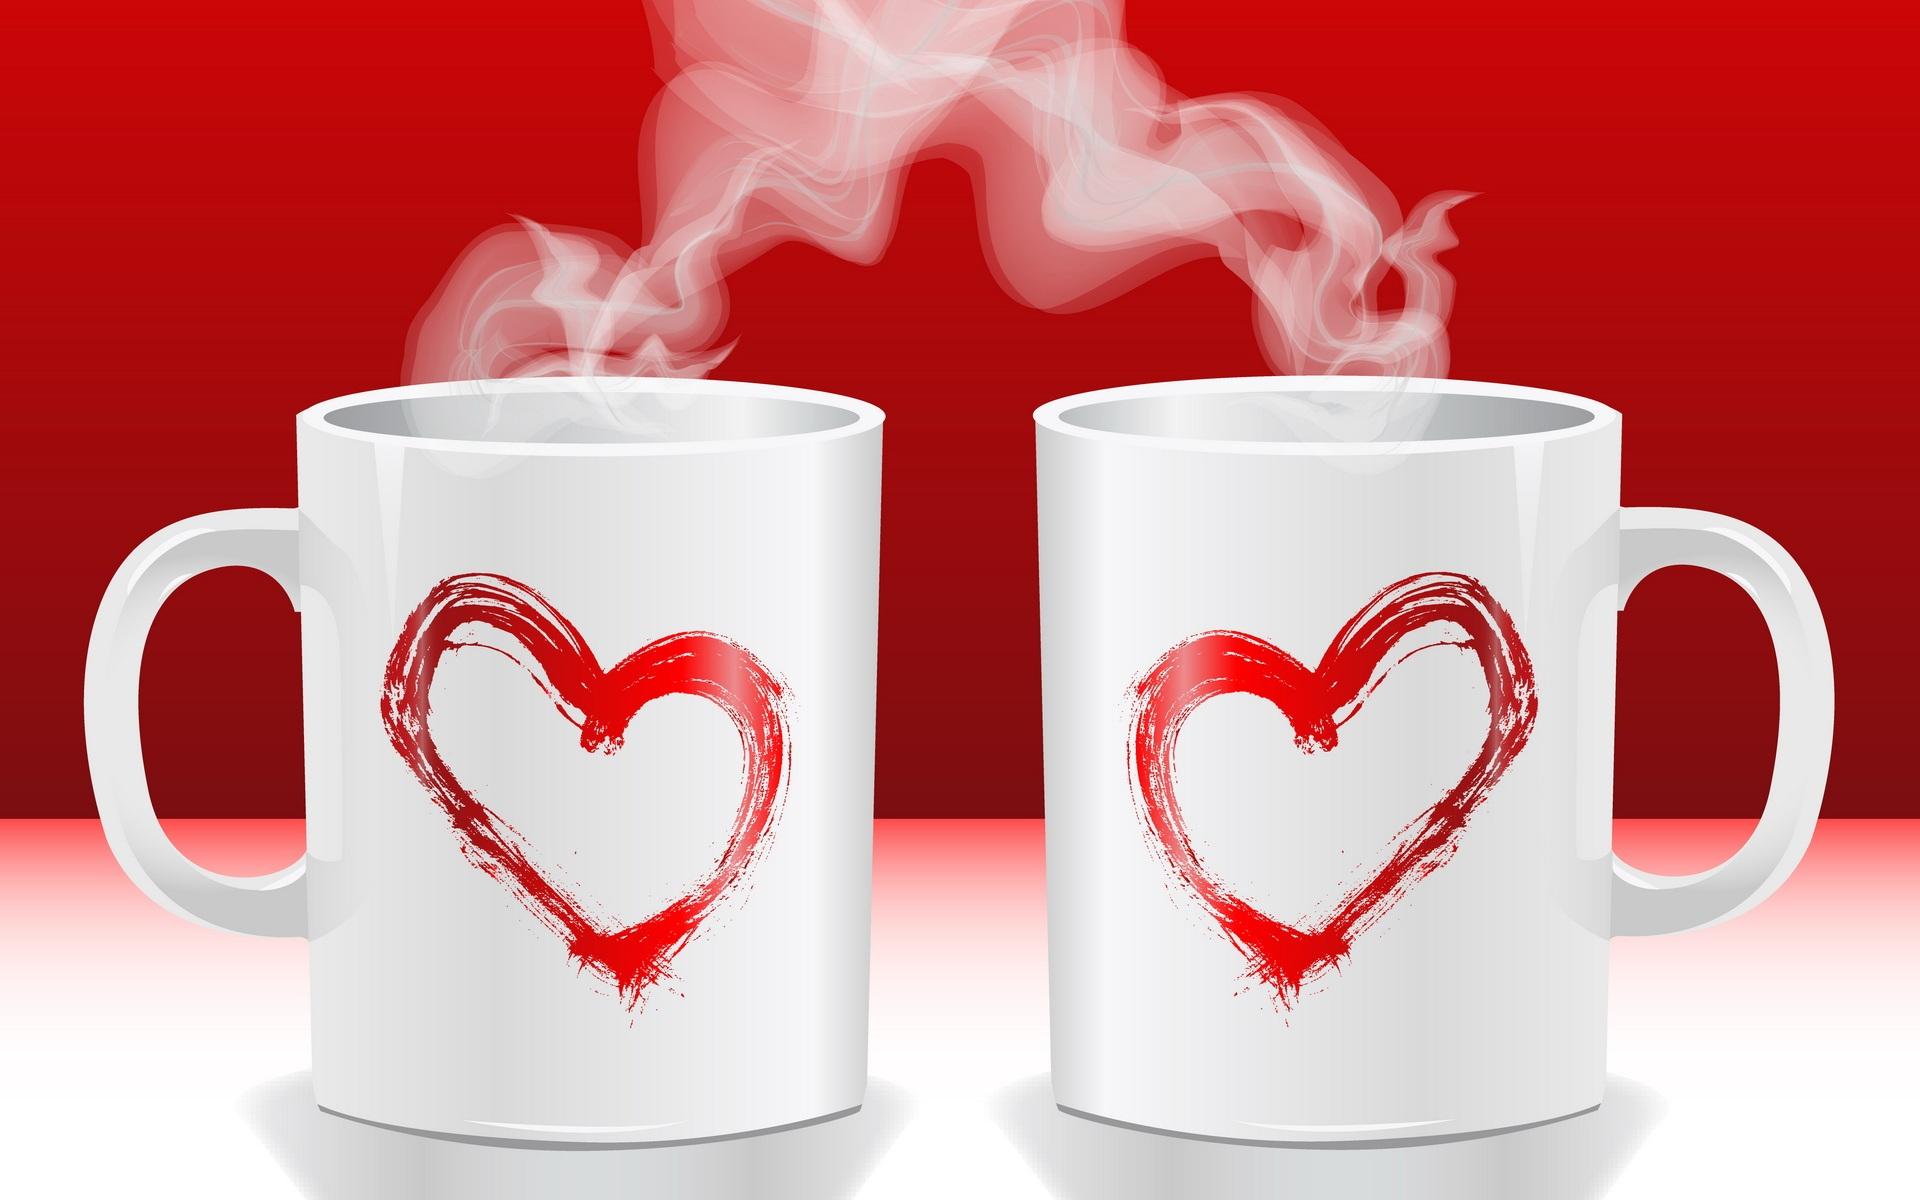 عکس های احساسی و فانتزی | عکس عاشقانه | تصاویر عاشقانه | عکسهای عاشقانه | عکسهای عاشقانه و روومانتیک | جملات عاشقانه| عکسهای عاشقانه احساسی | تصاویر رومانتیک احساسی | عکس عشقولانه